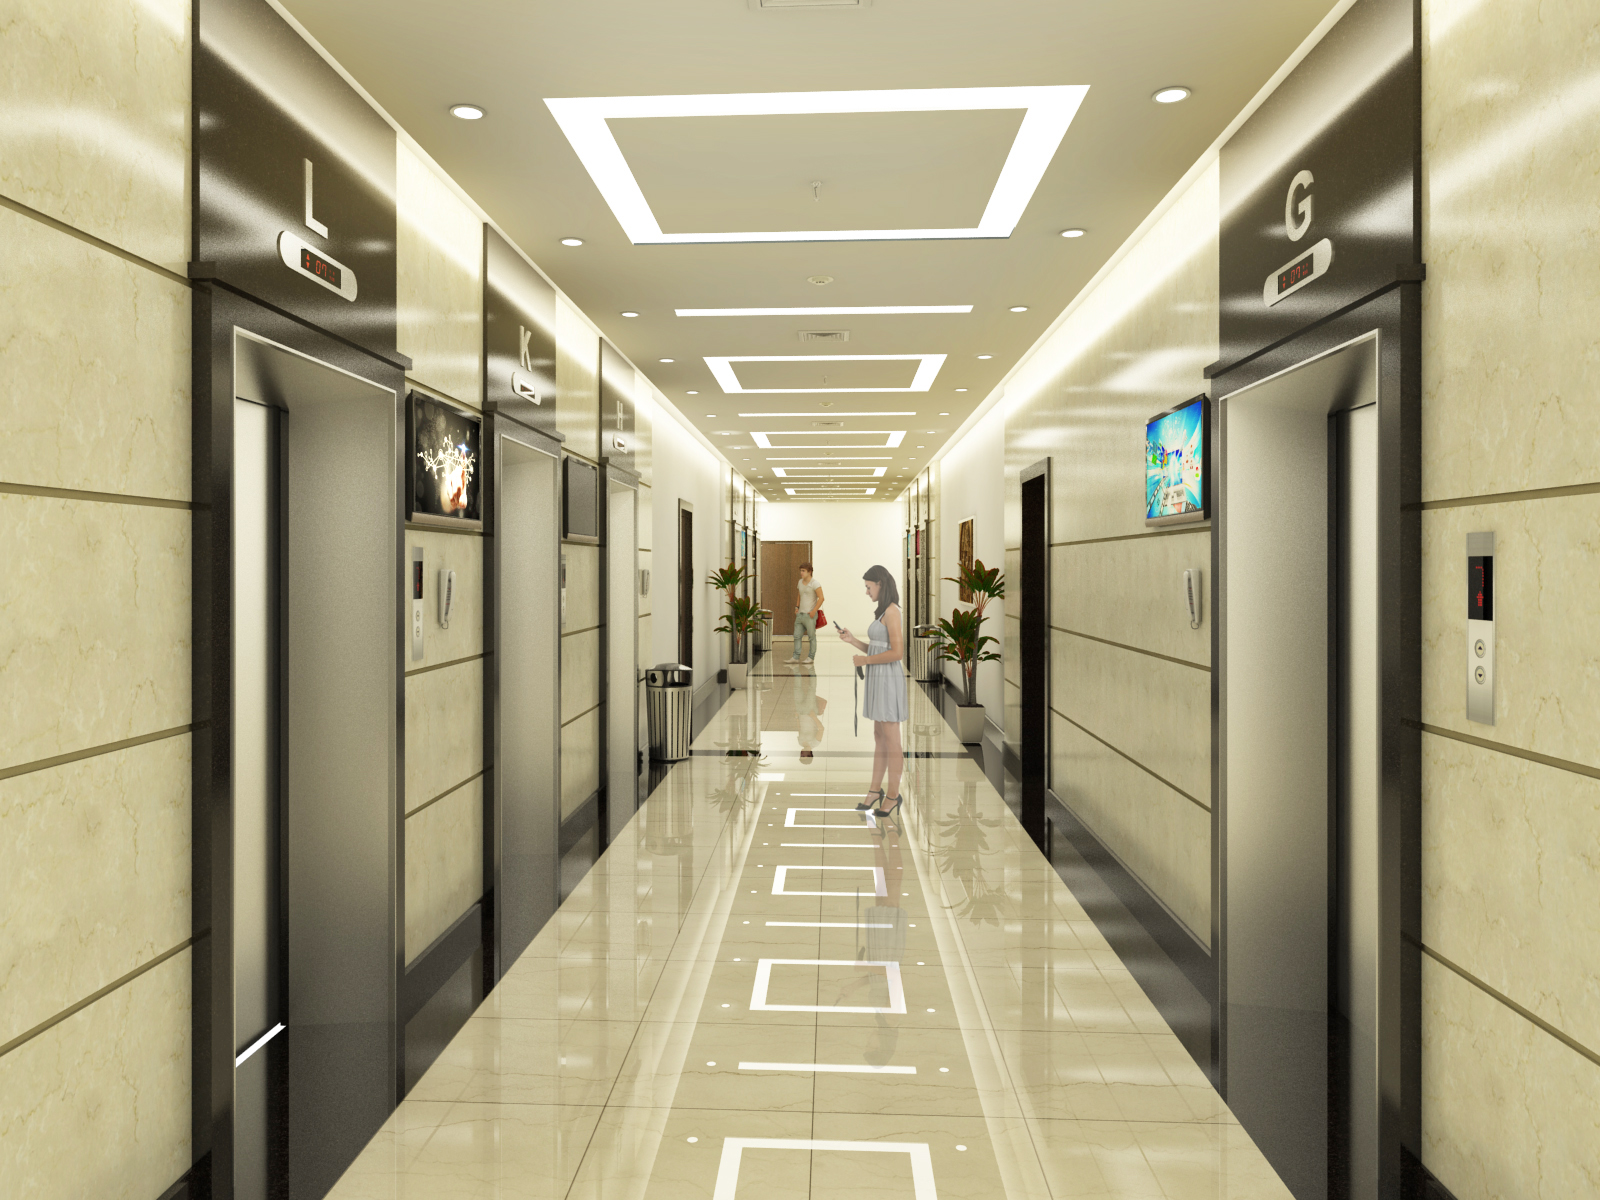 Thang máy là tiêu chí quan trọng của căn hộ chung cư